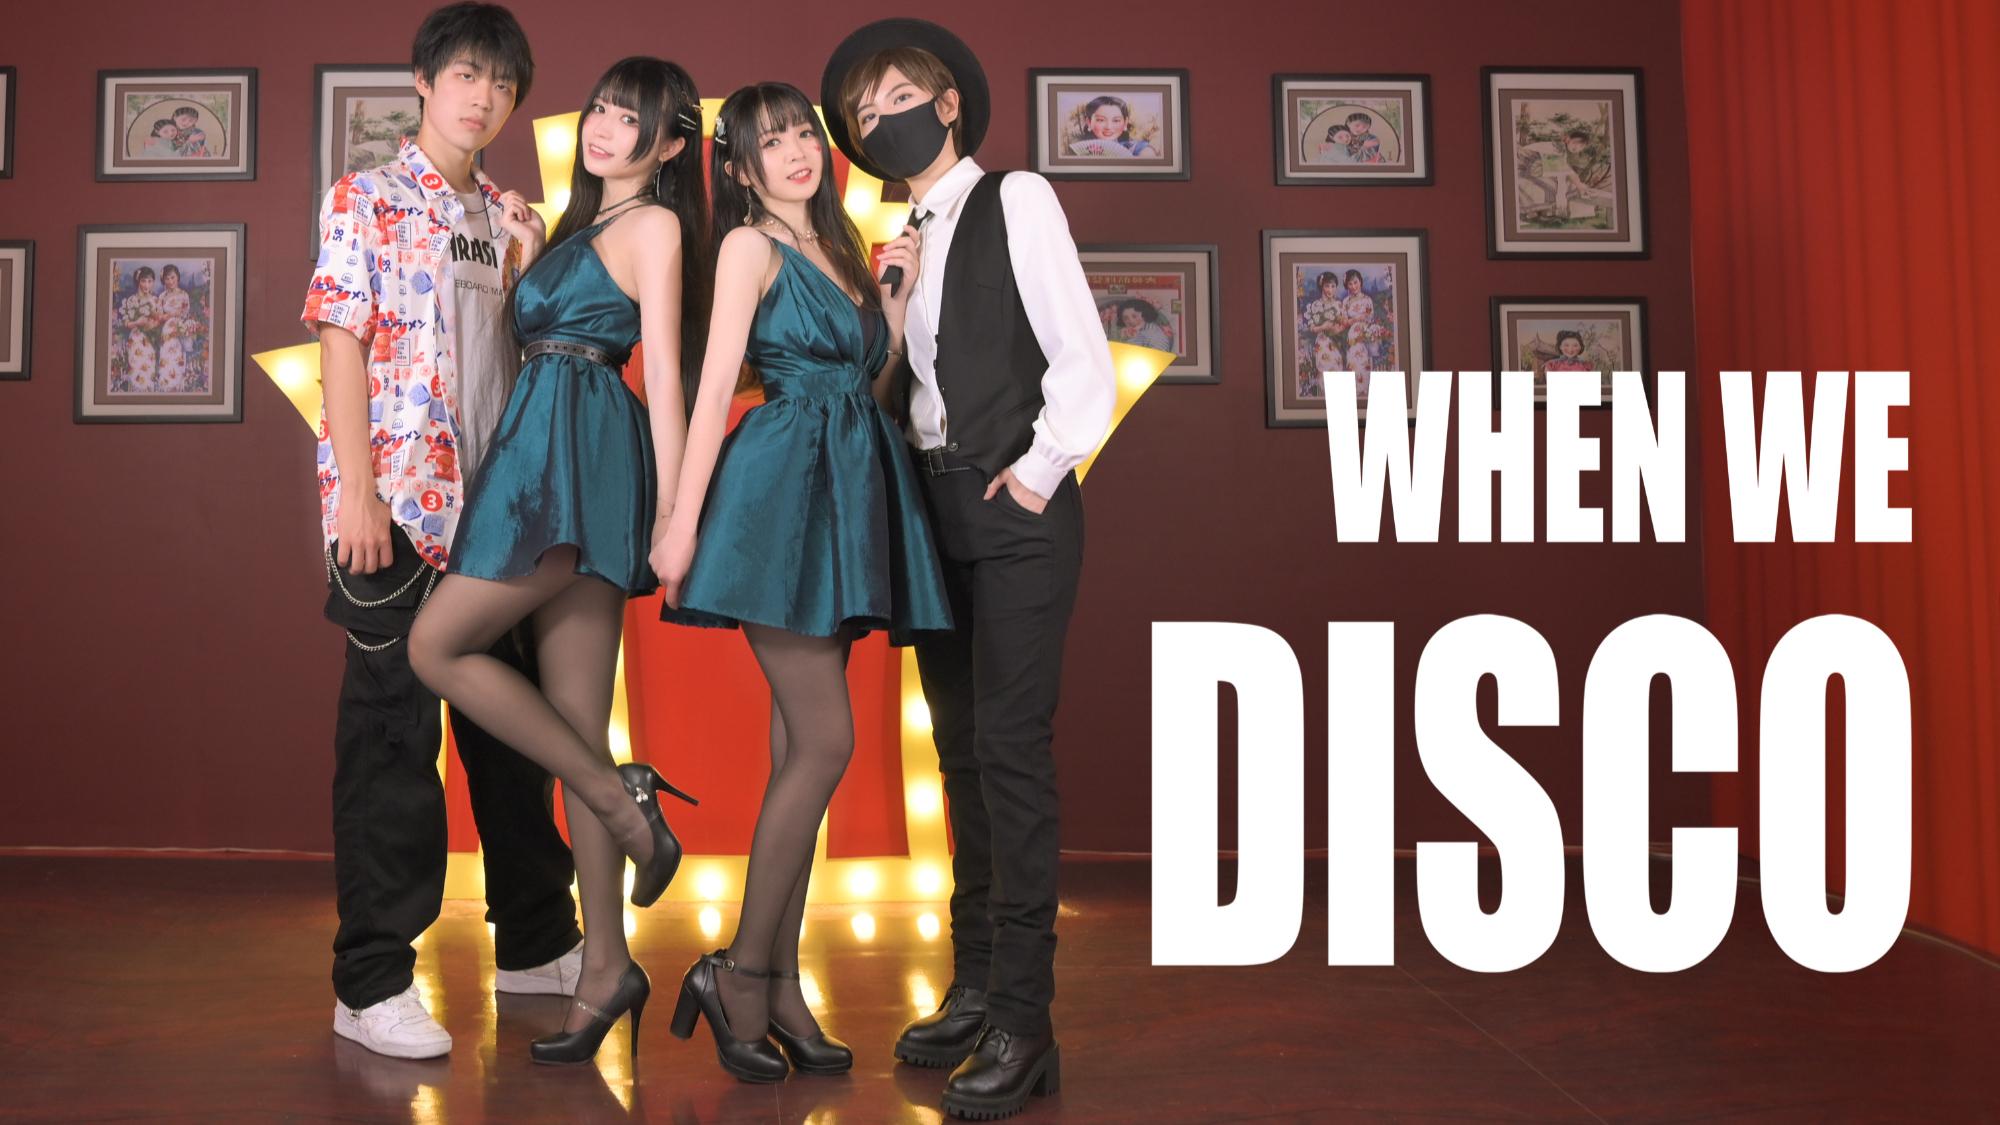 【卿斗x楚鸢x时空x小A】When We Disco  商场超羞耻蹦迪,嗯?还有剧情的?